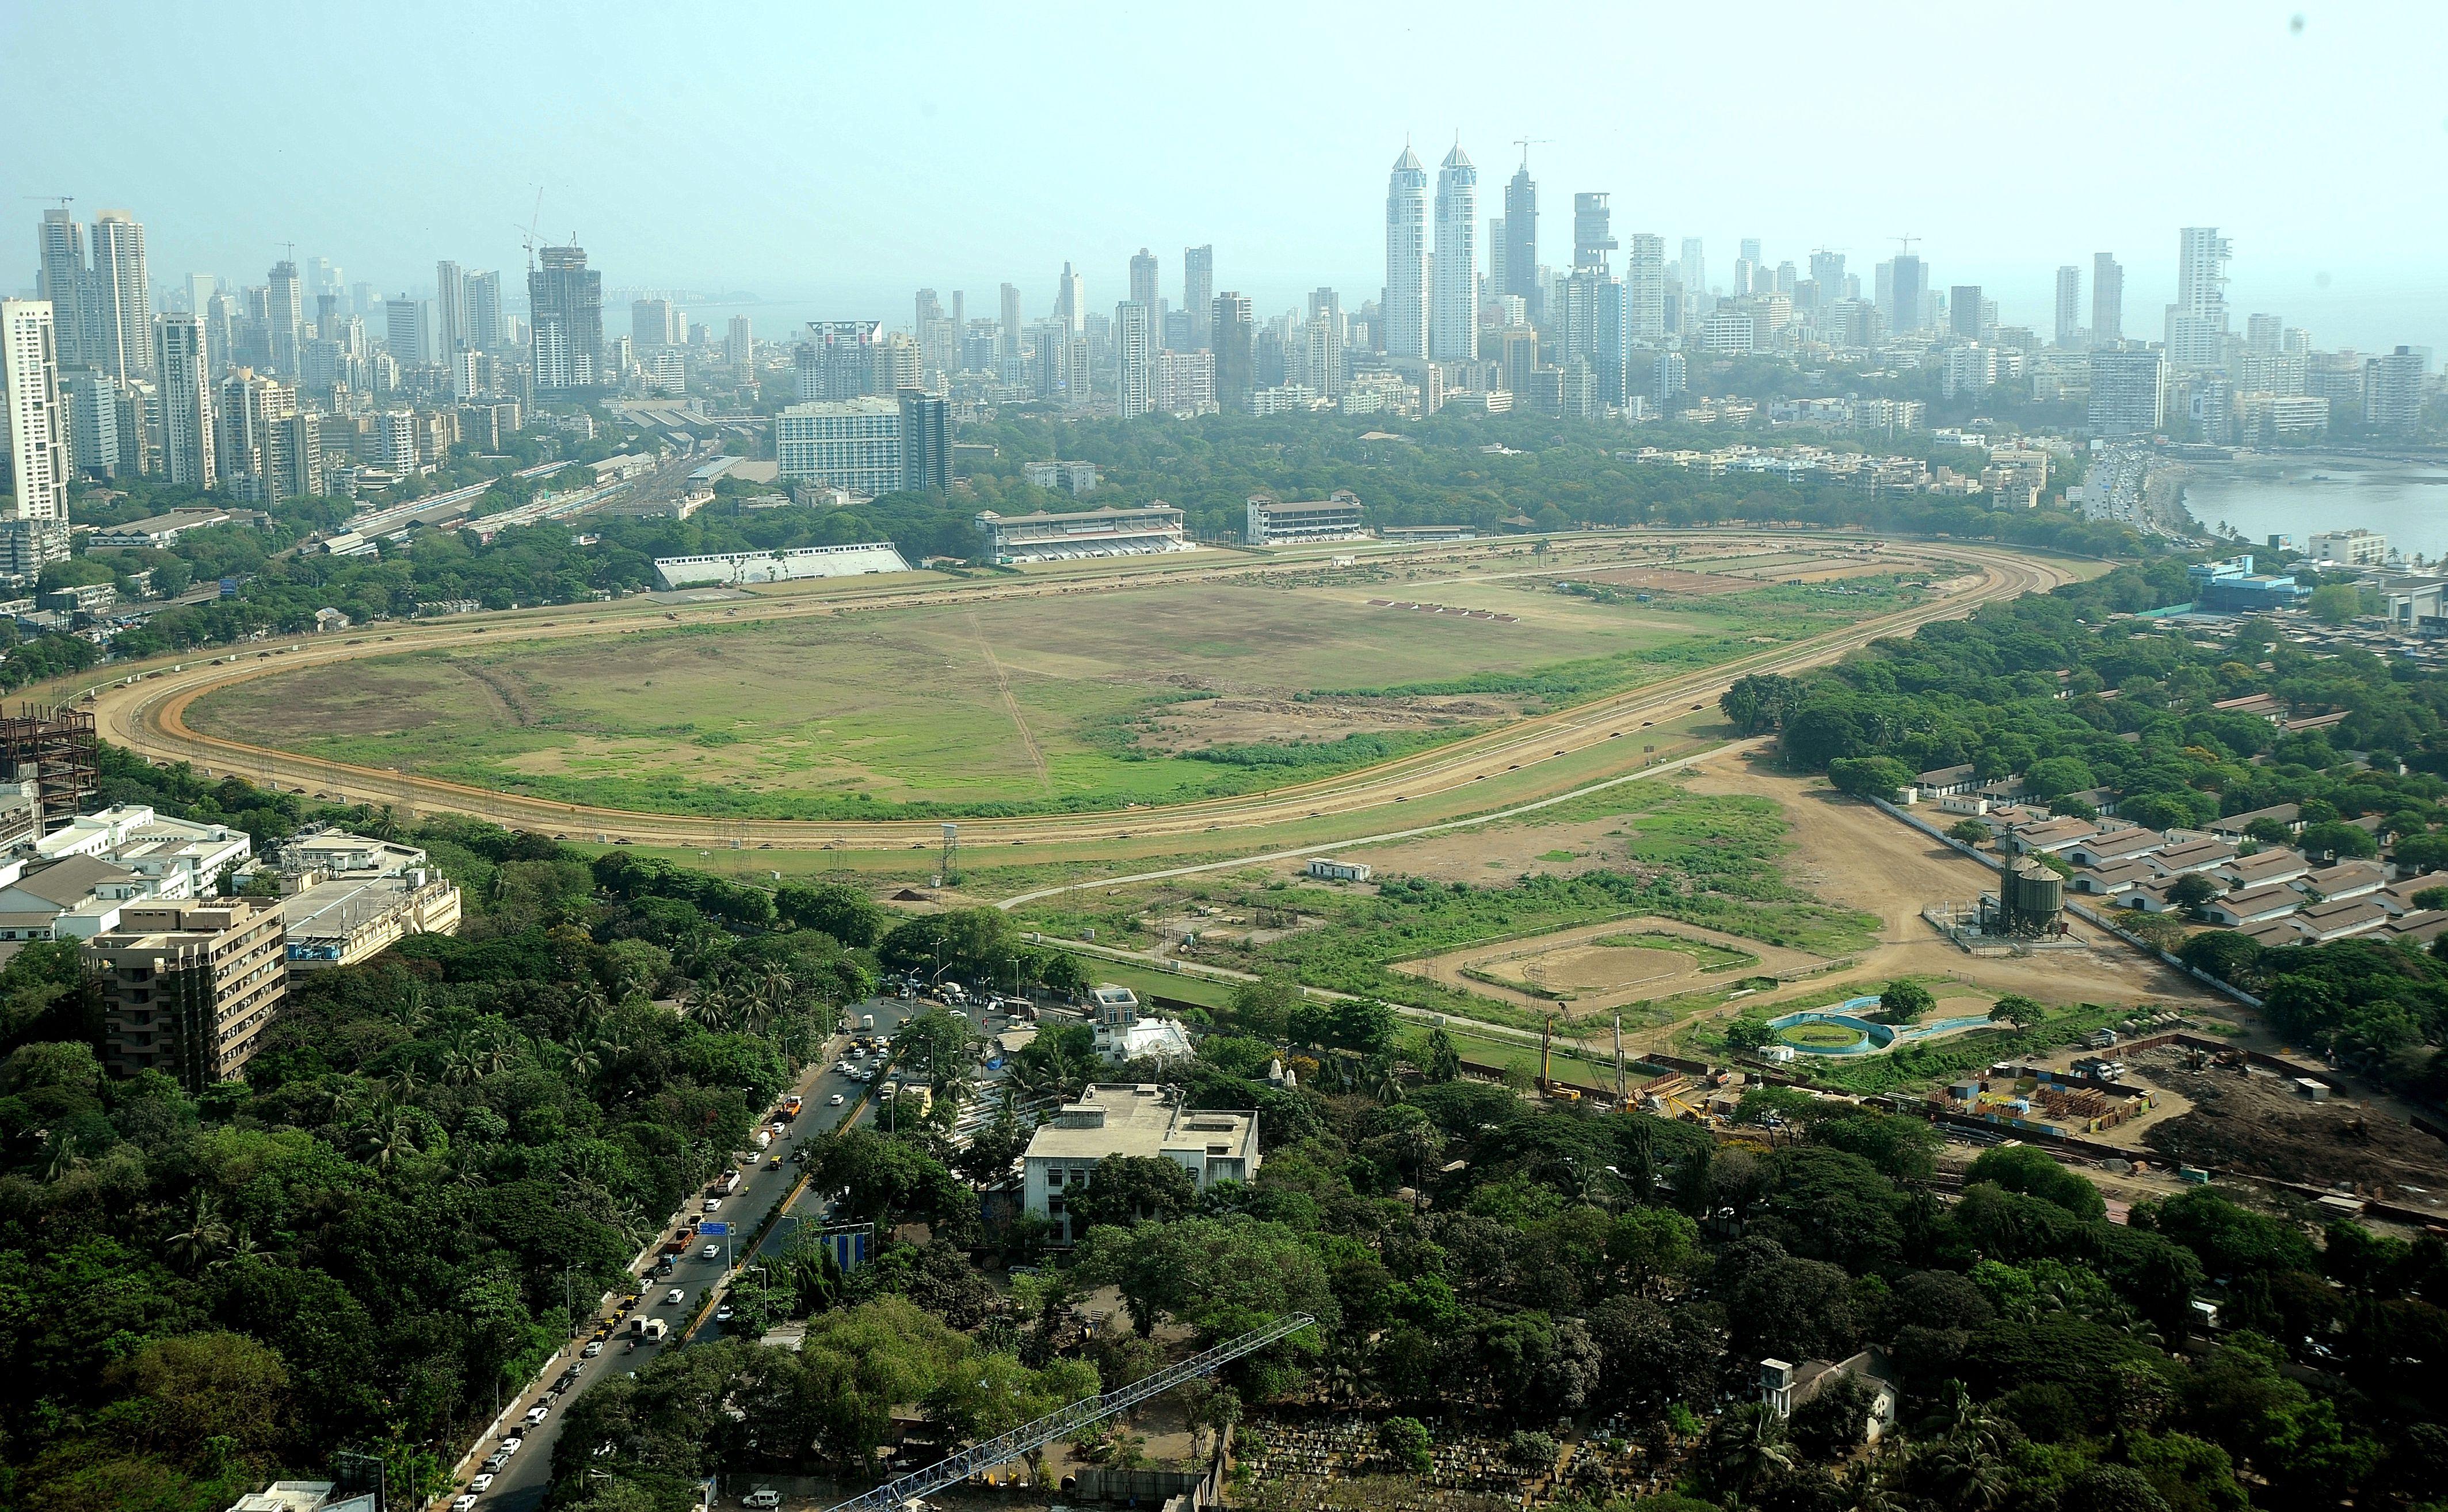 The Mahalaxmi Race Course